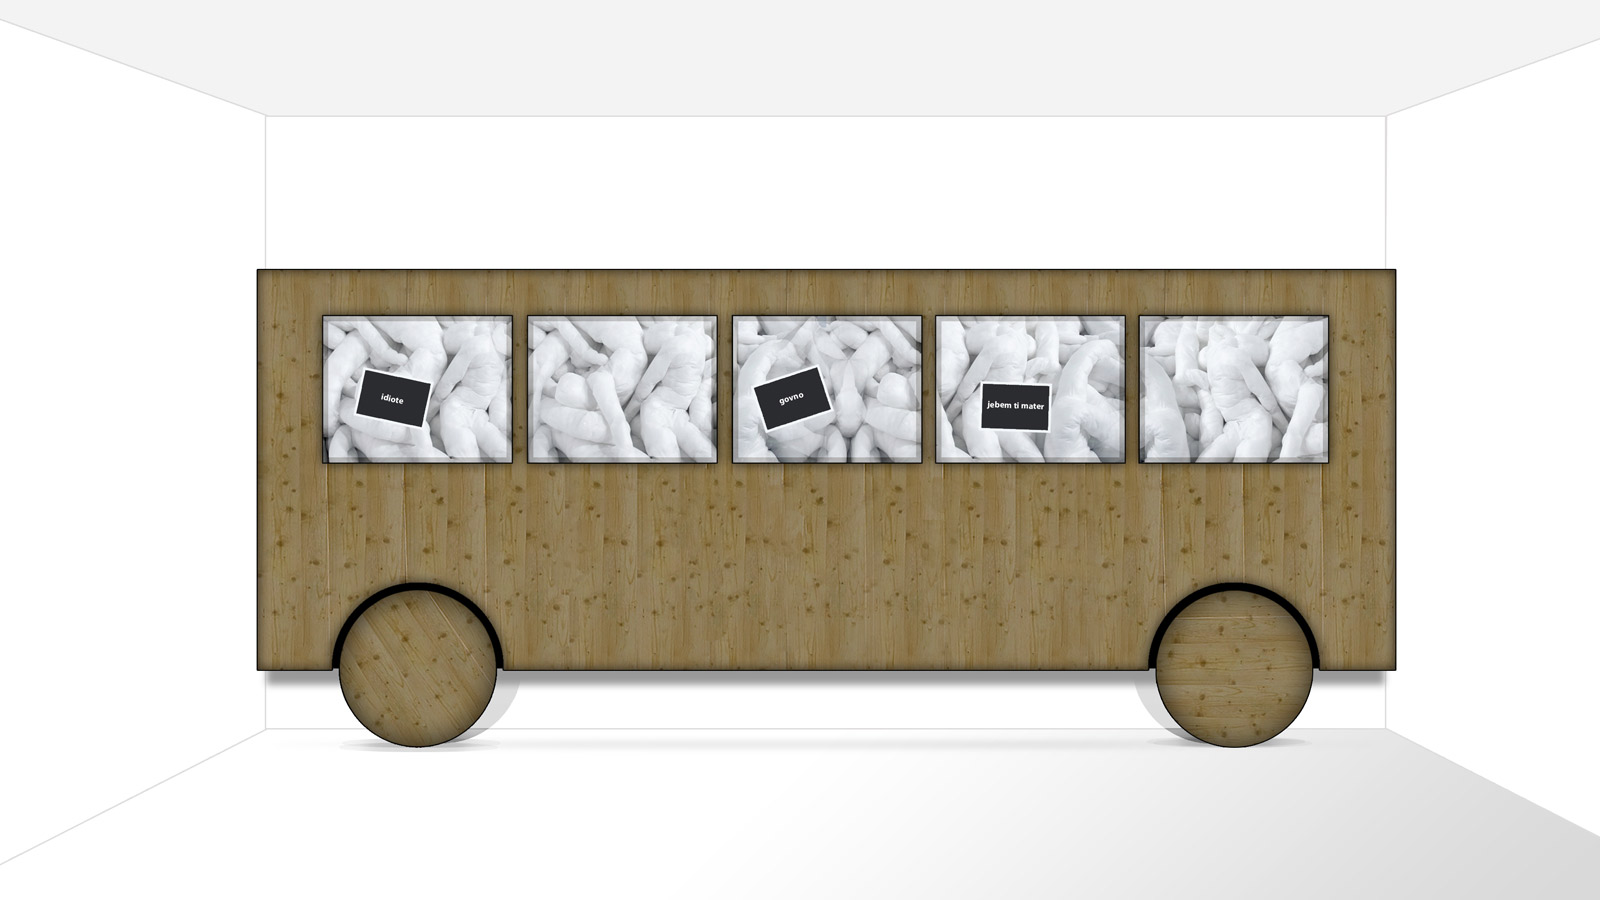 goran despotovski, bus